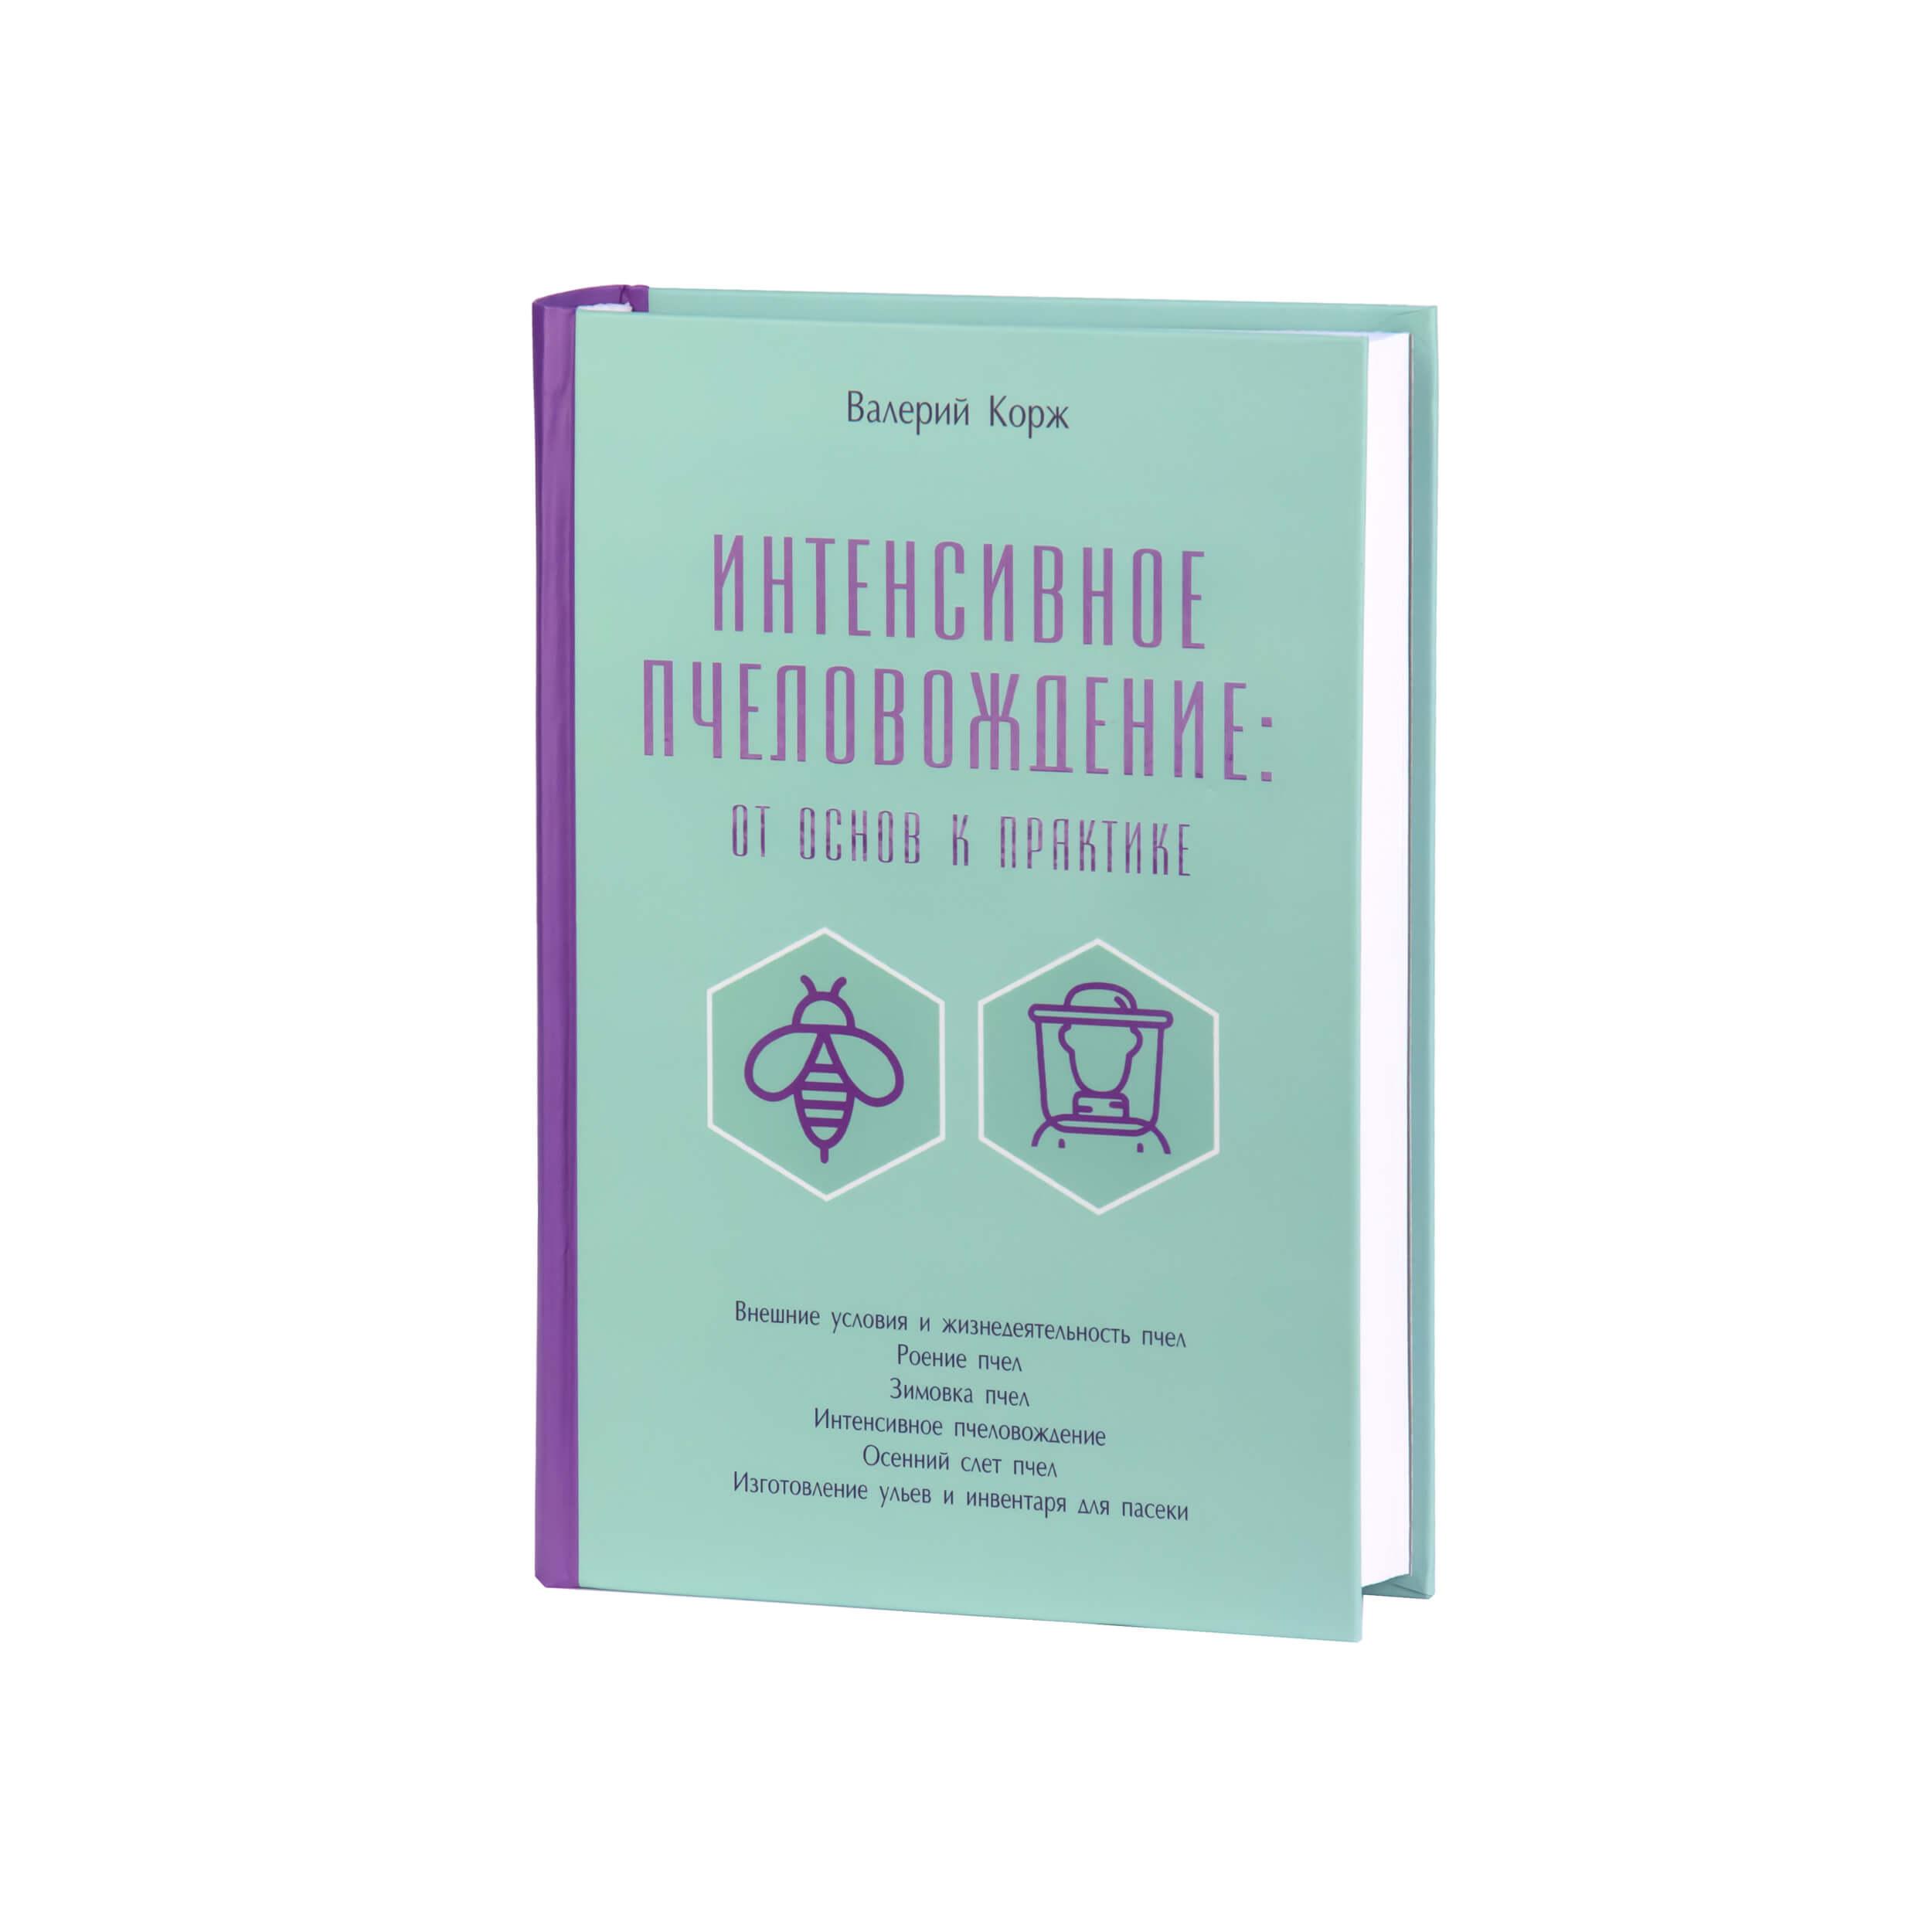 """Книга """"Интенсивное пчеловождение от основ к практике"""" Корж В. фото"""